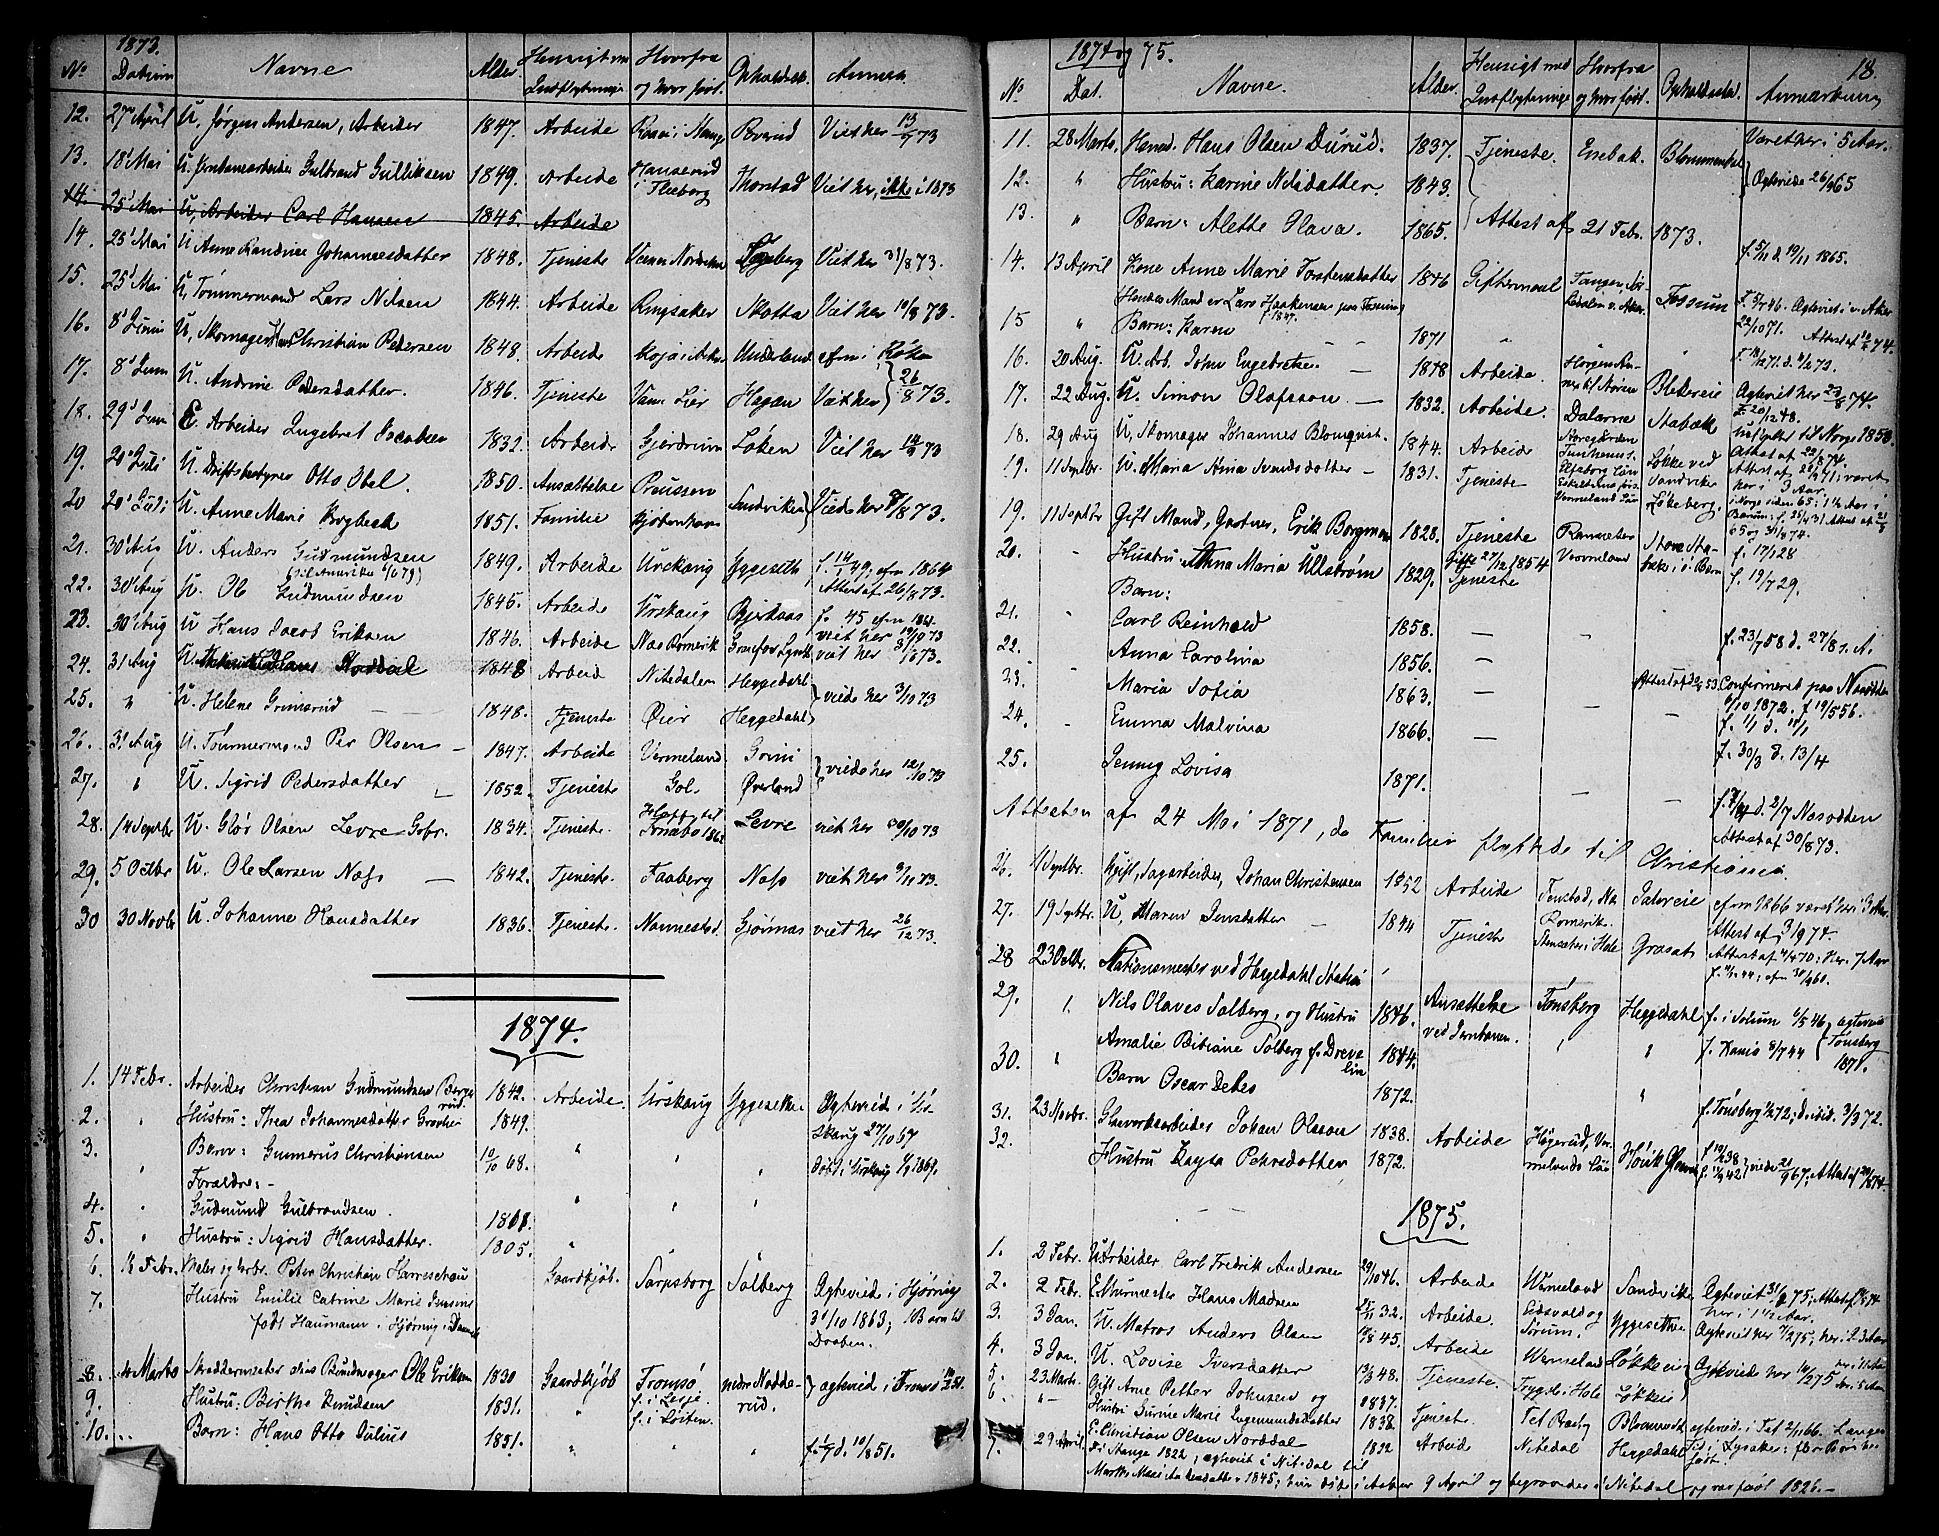 SAO, Asker prestekontor Kirkebøker, F/Fa/L0012: Ministerialbok nr. I 12, 1825-1878, s. 18